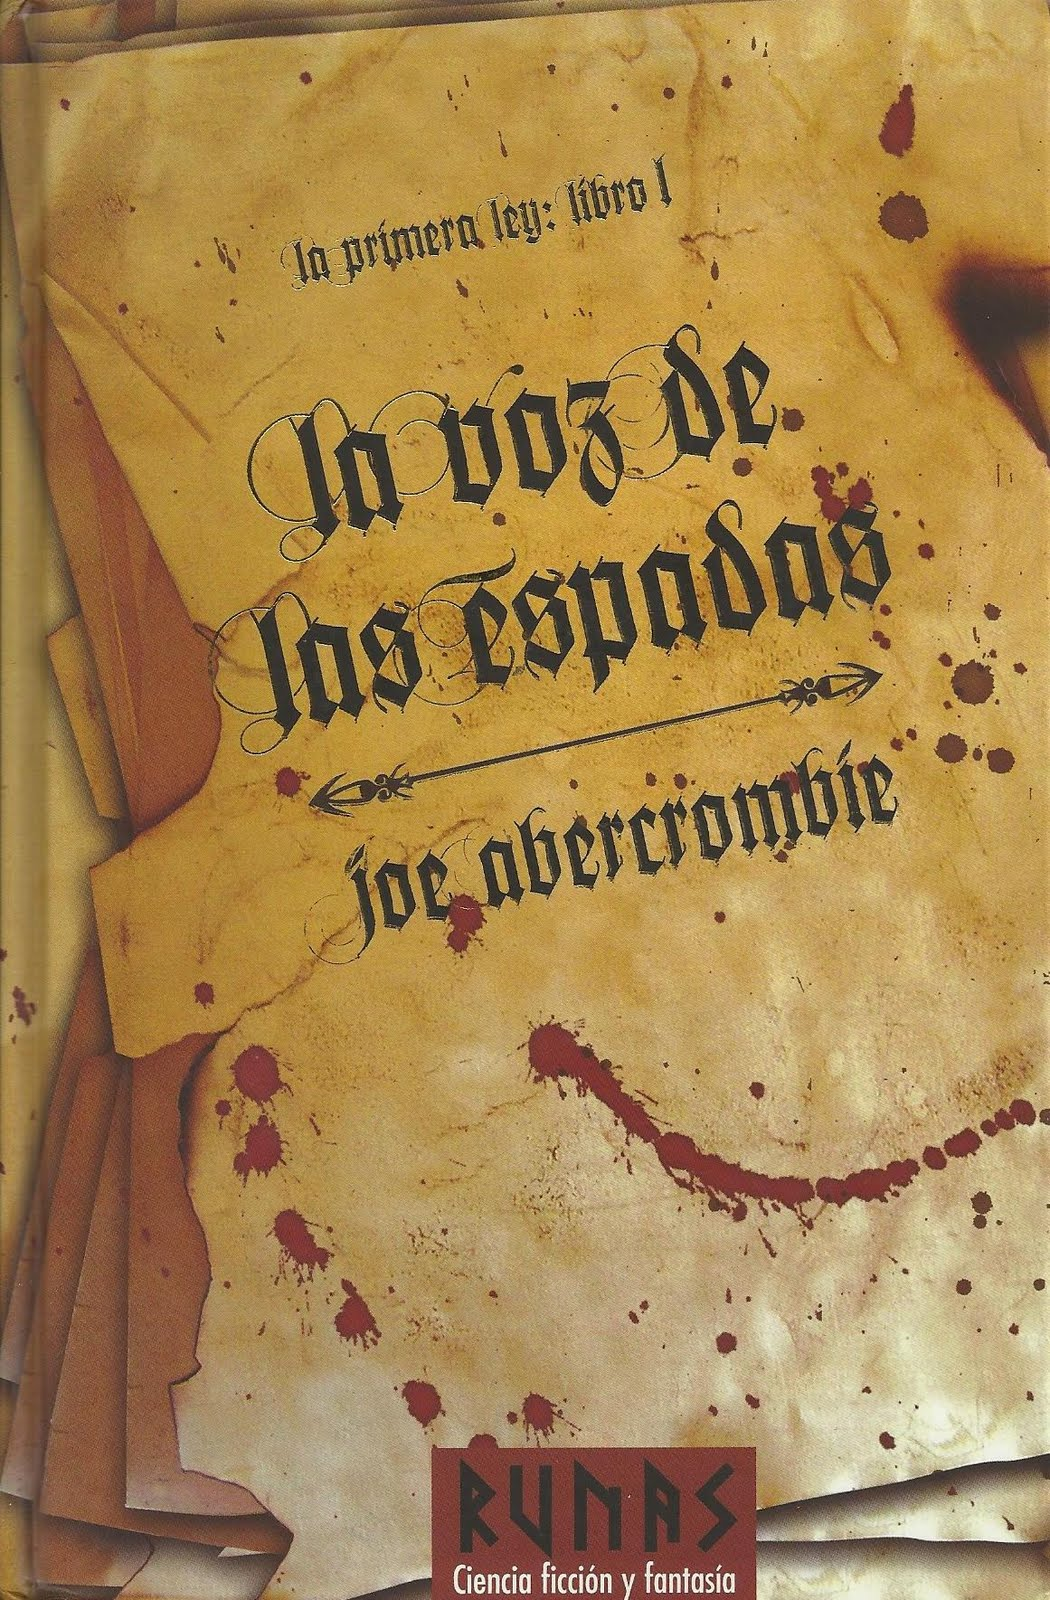 La voz de las espadas - Joe Abercrombie [DOC | PDF | EPUB | FB2 | MOBI | Español | 5.64 MB]